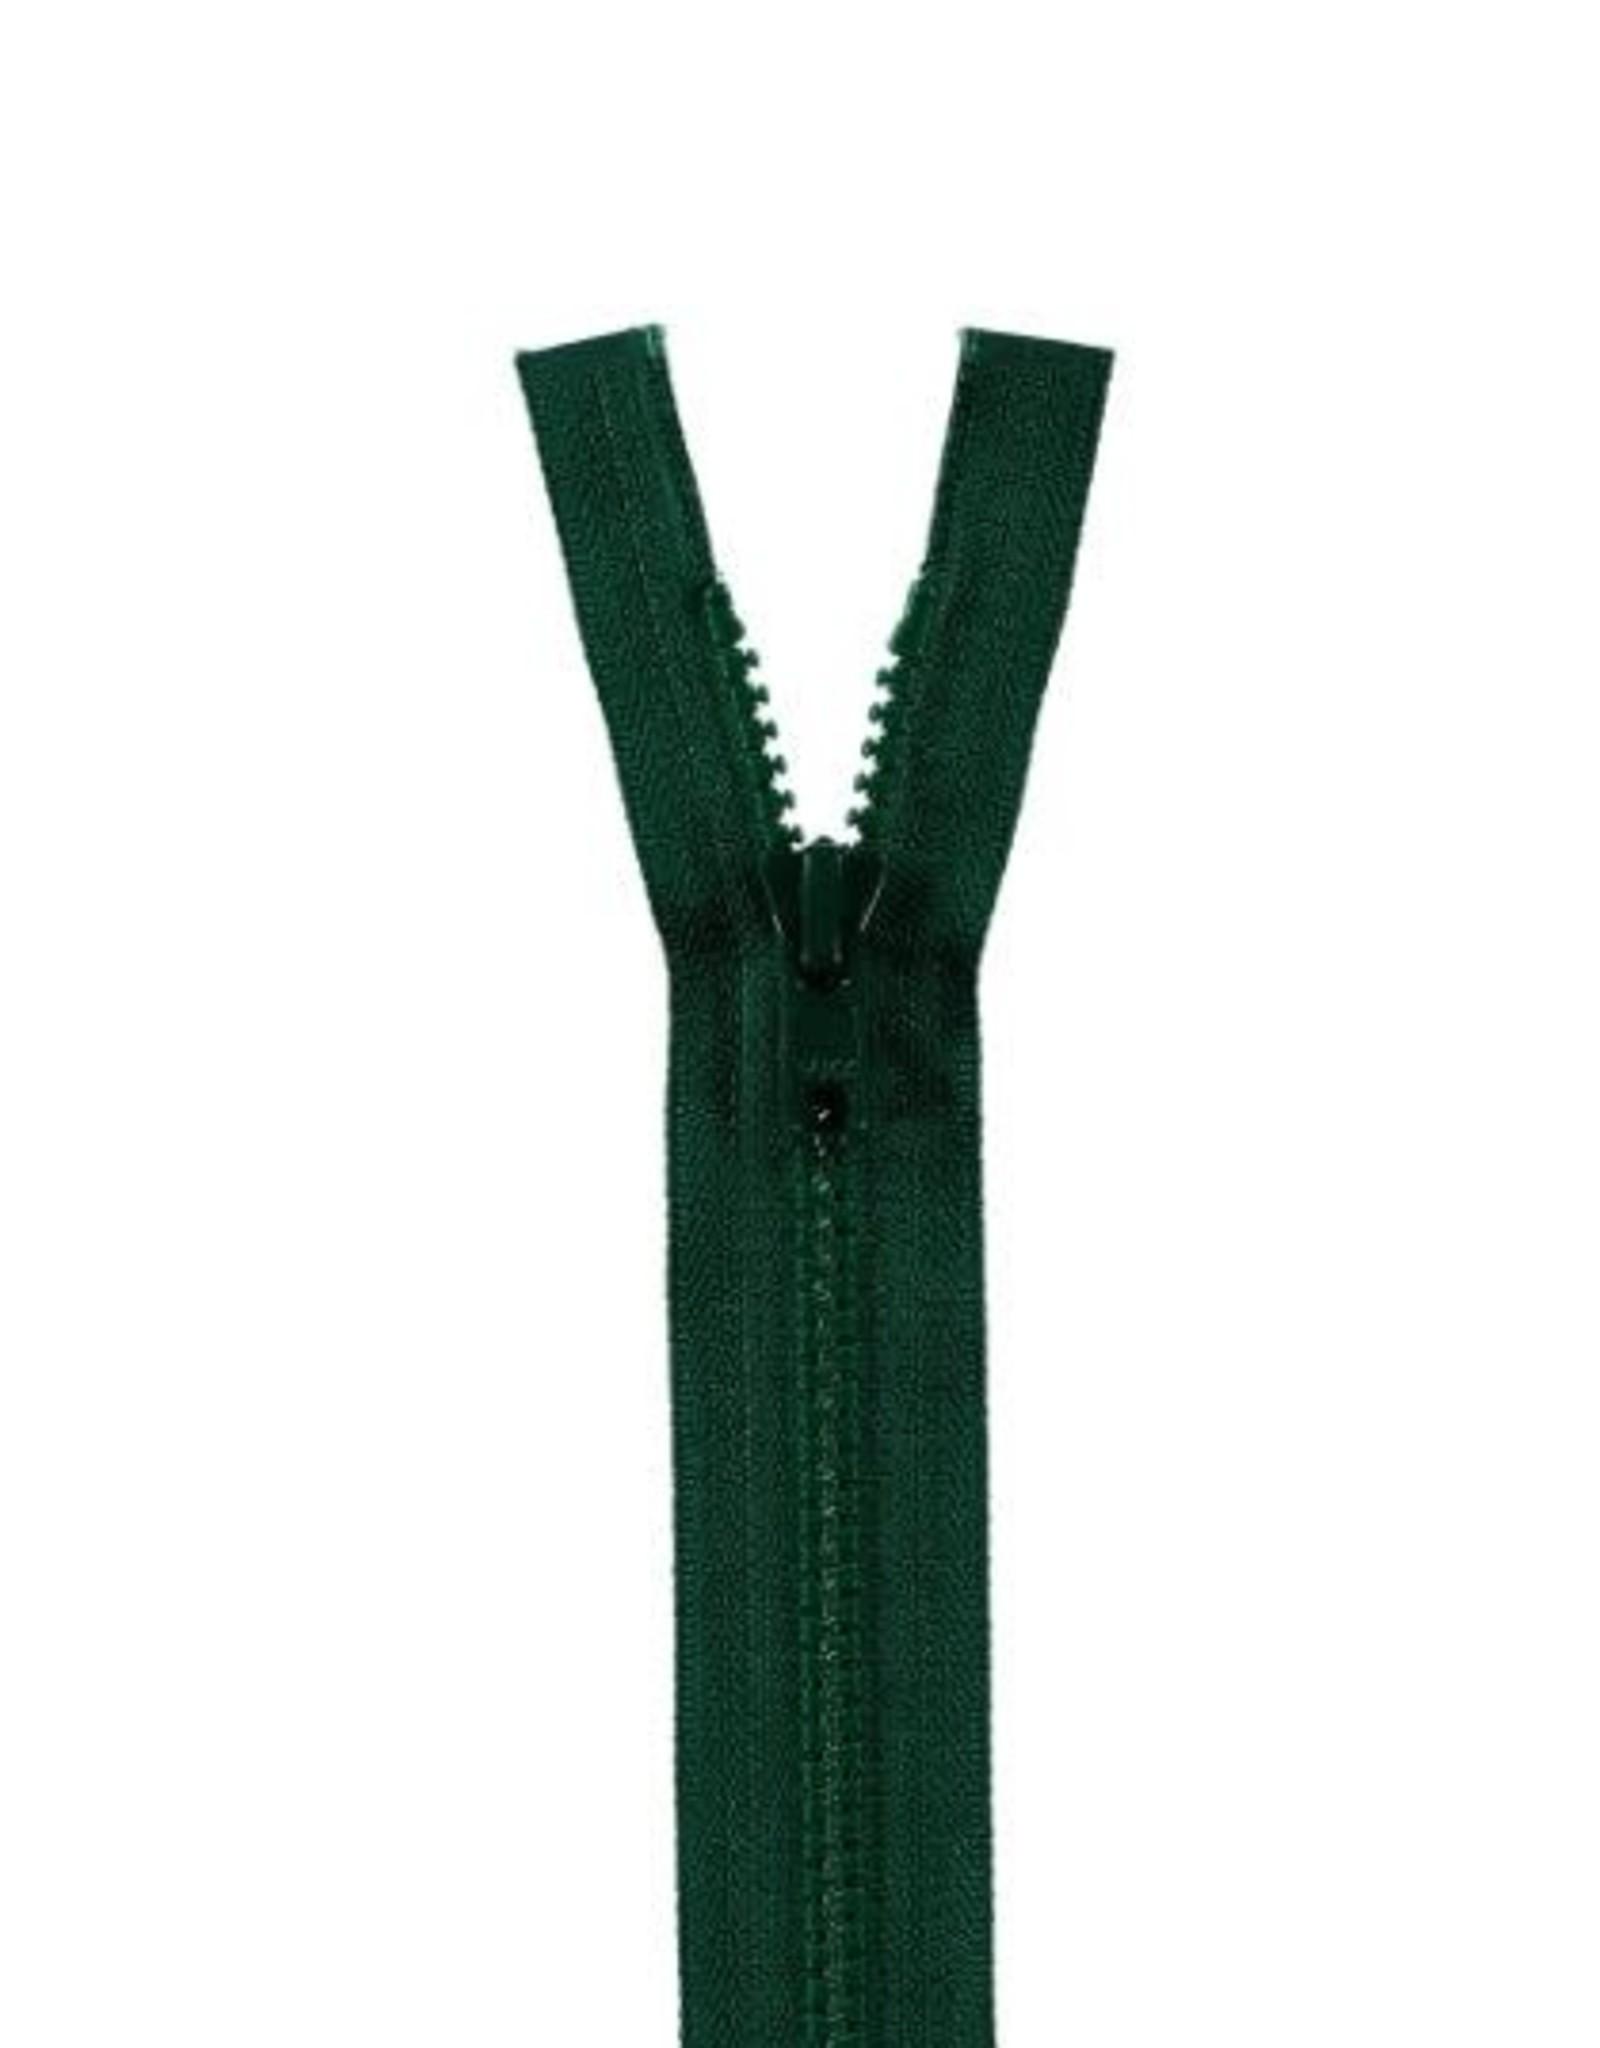 YKK BLOKRITS 5 DEELBAAR d. groen 890-50cm